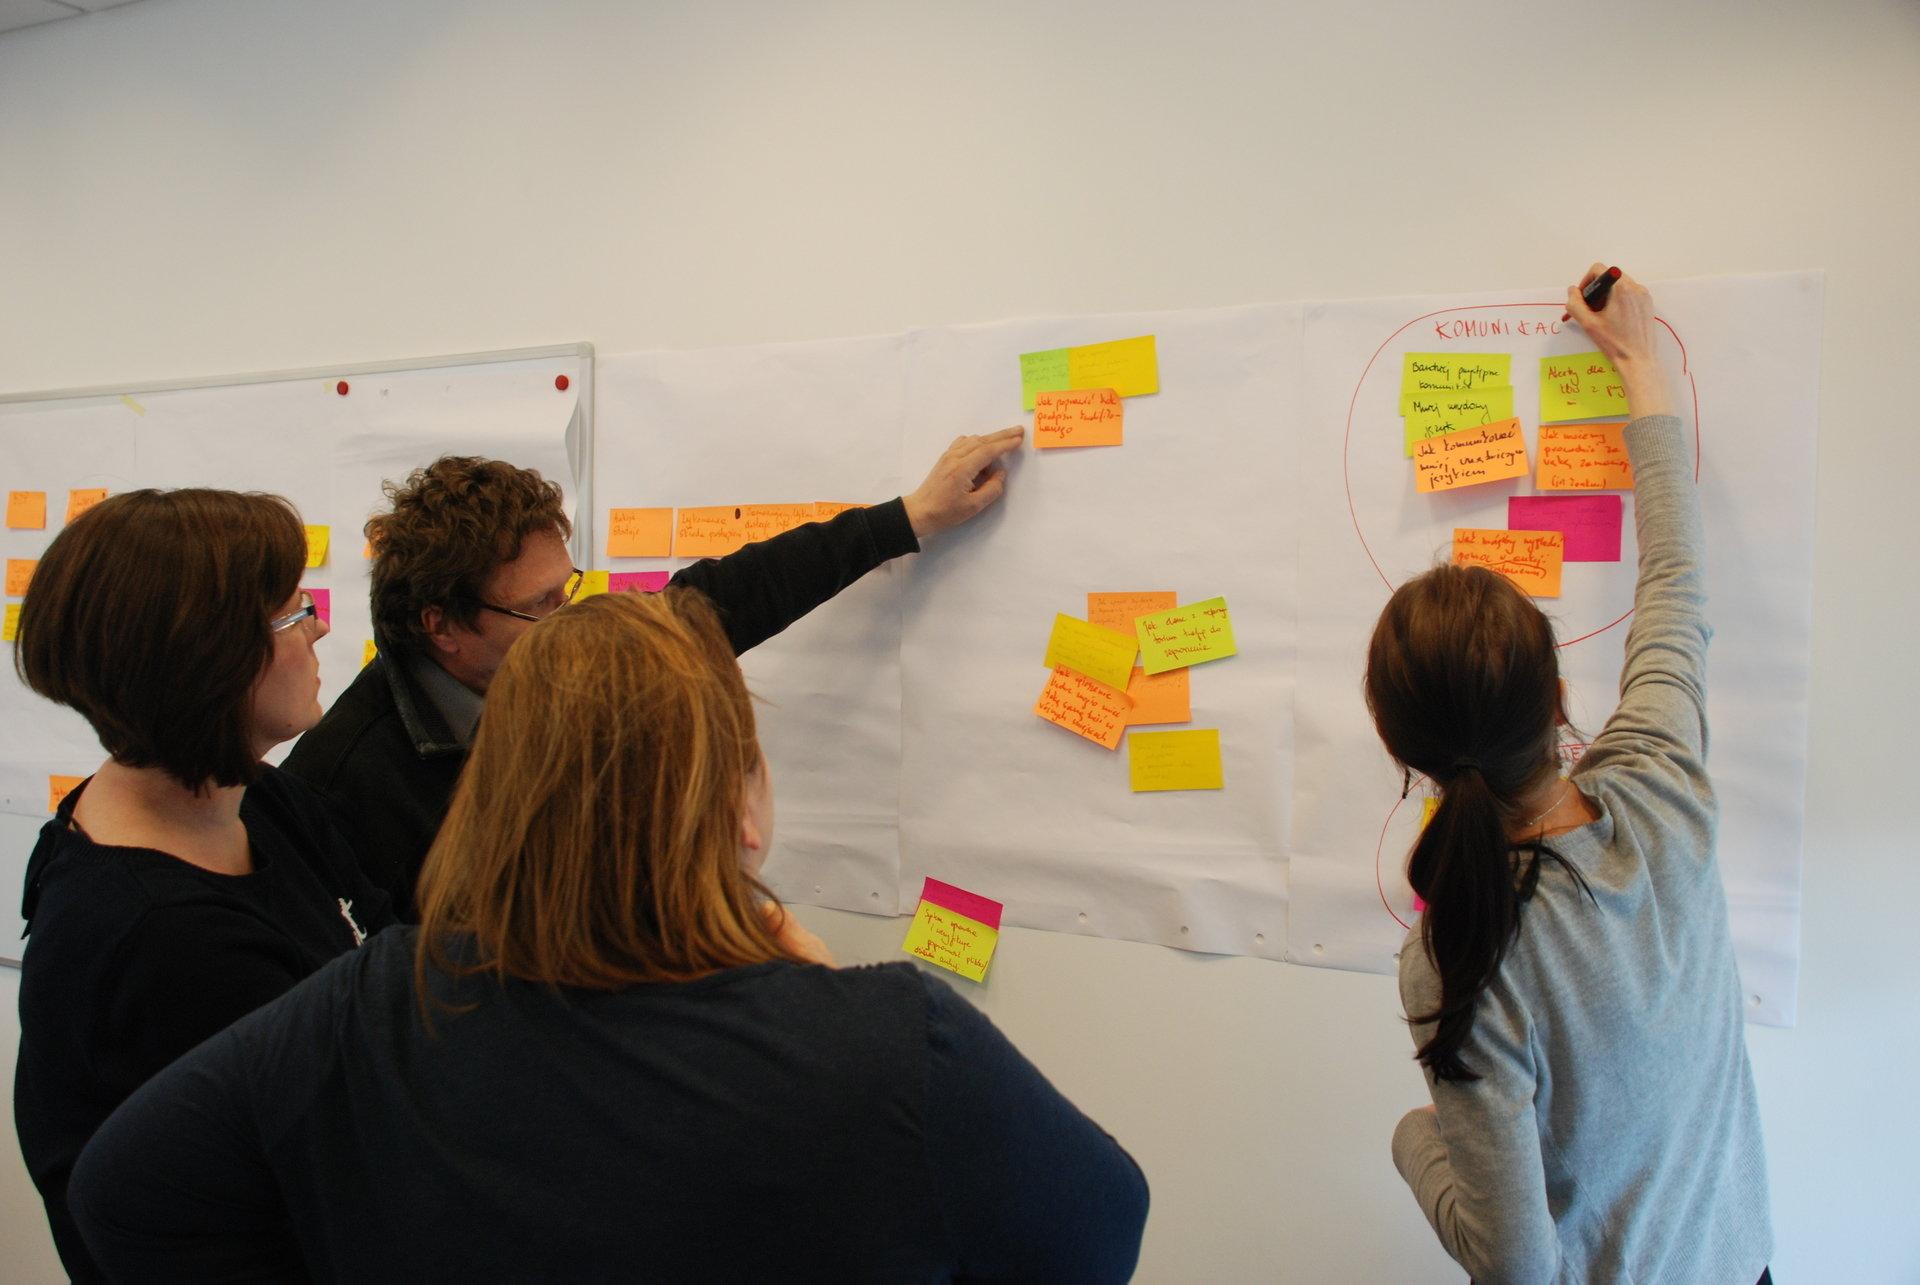 Design sprint - od pomysłu do realizacji w kilka dni